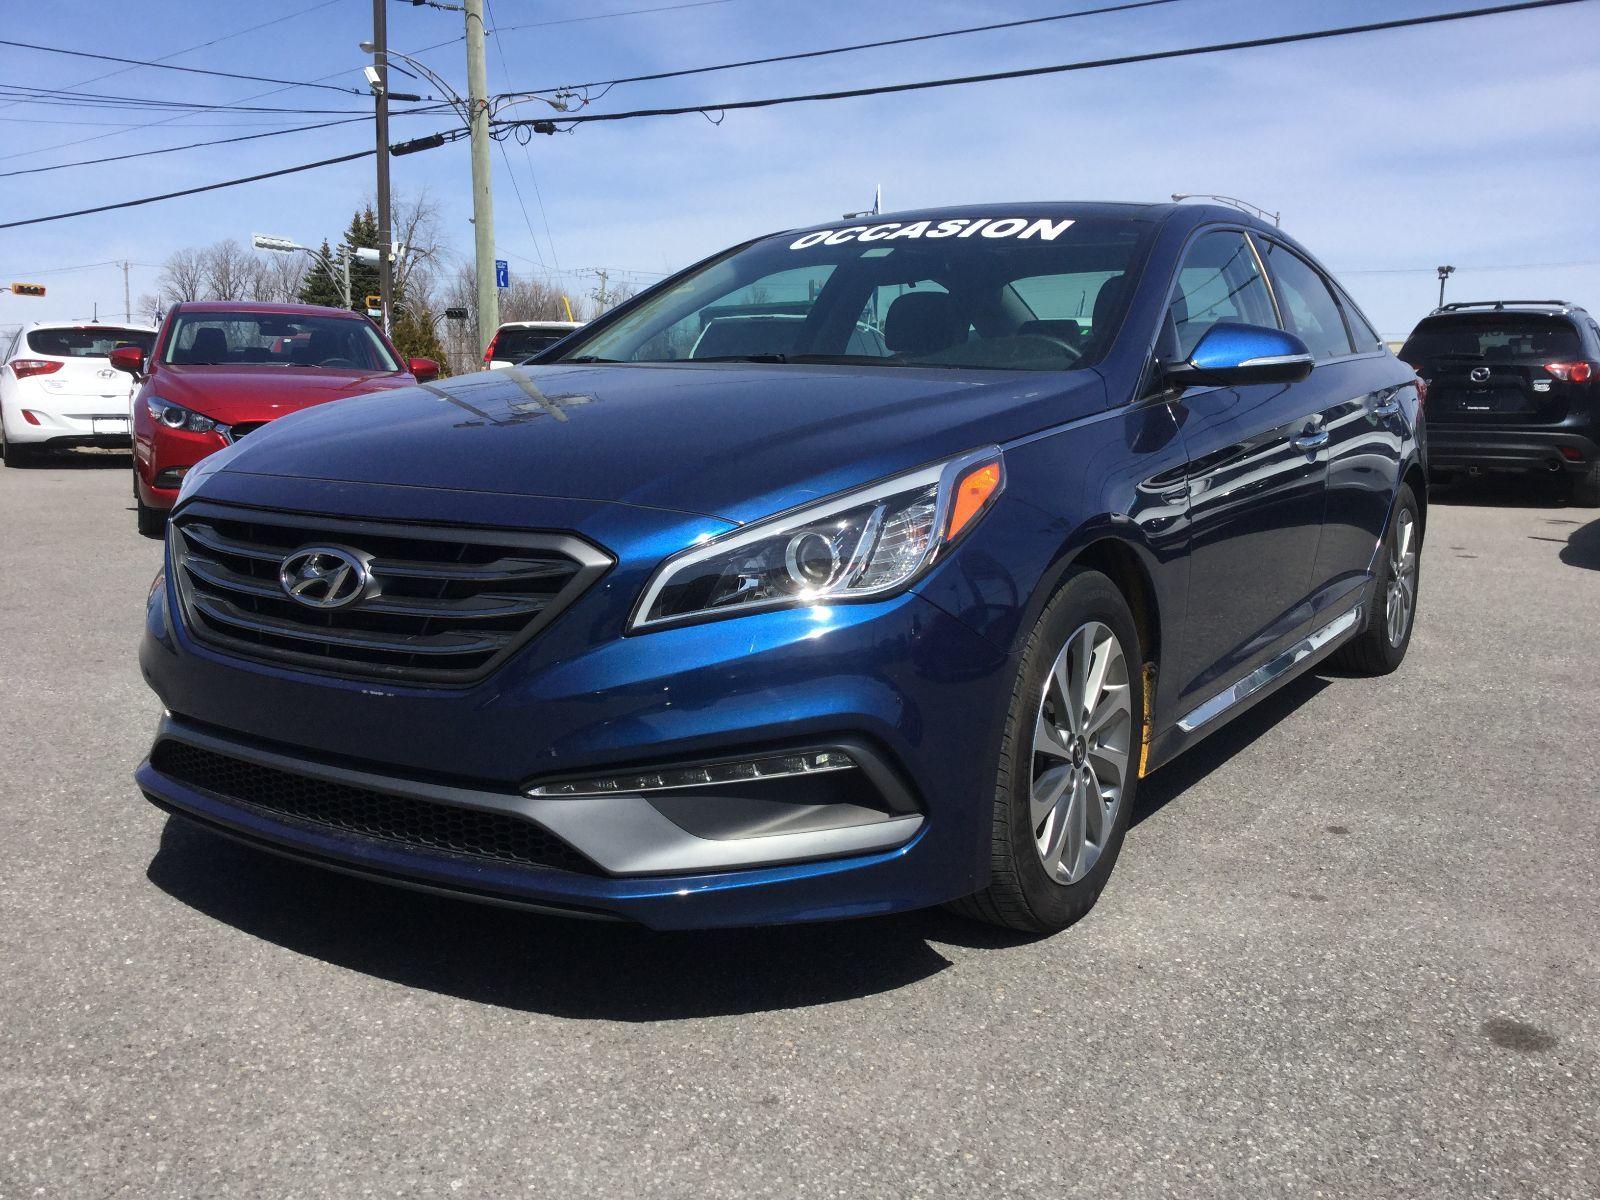 Hyundai Sonata Sport, TOIT, NAVIGATEUR, A/C BIZONE, MAGS, CAMERA 2016 JAMAIS ACCIDENTÉ, UN SEUL PROPRIÉTAIRE